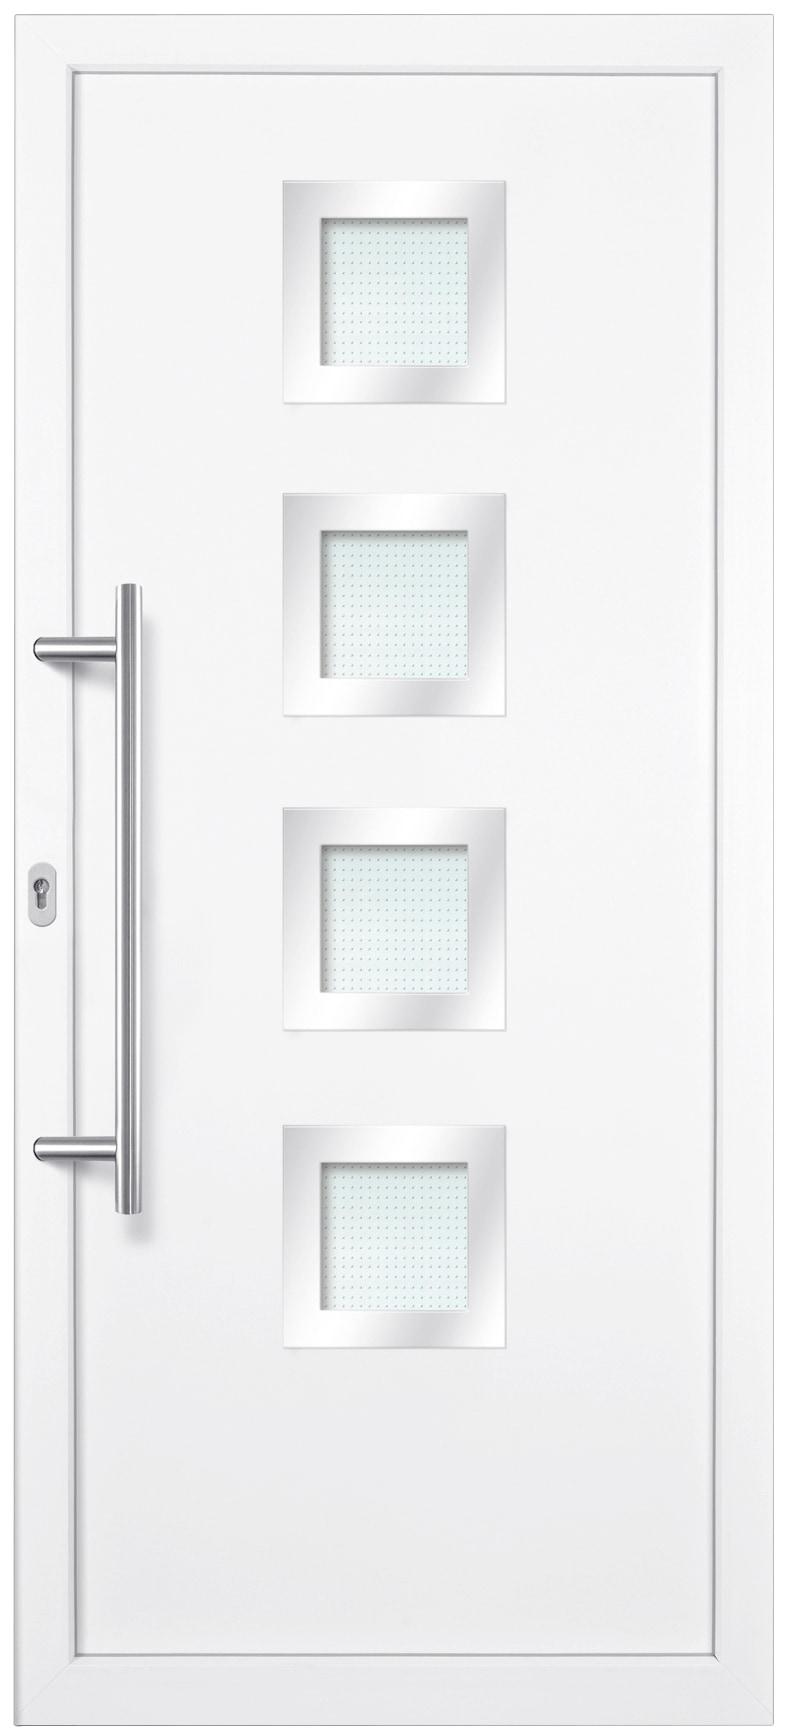 KM MEETH ZAUN GMBH Kunststoff-Haustür »KA635 S2«, nach Wunschmaß, Anschlag links | Baumarkt > Modernisieren und Baün > Türen | Weiß | Stahl - Kunststoff | KM MEETH ZAUN GMBH